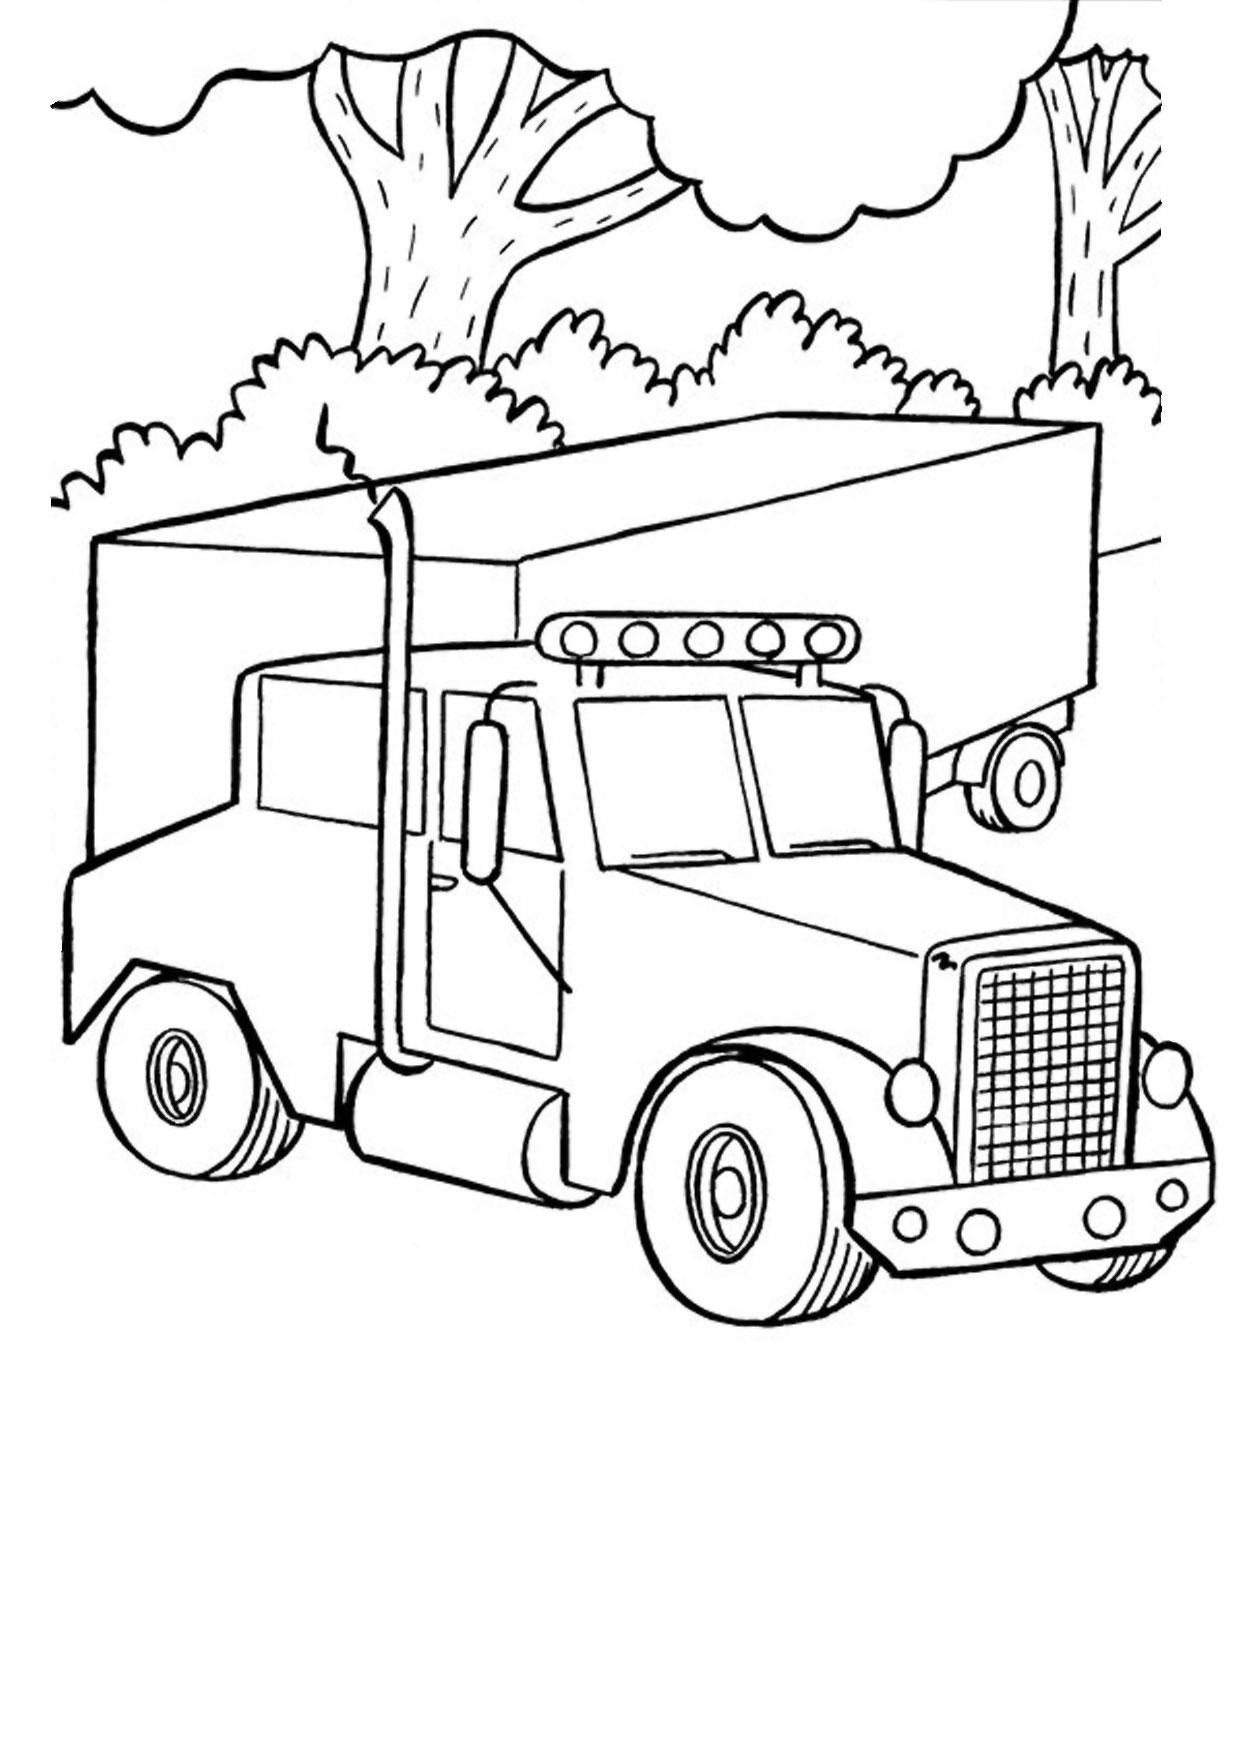 Disegno di camion da colorare 40